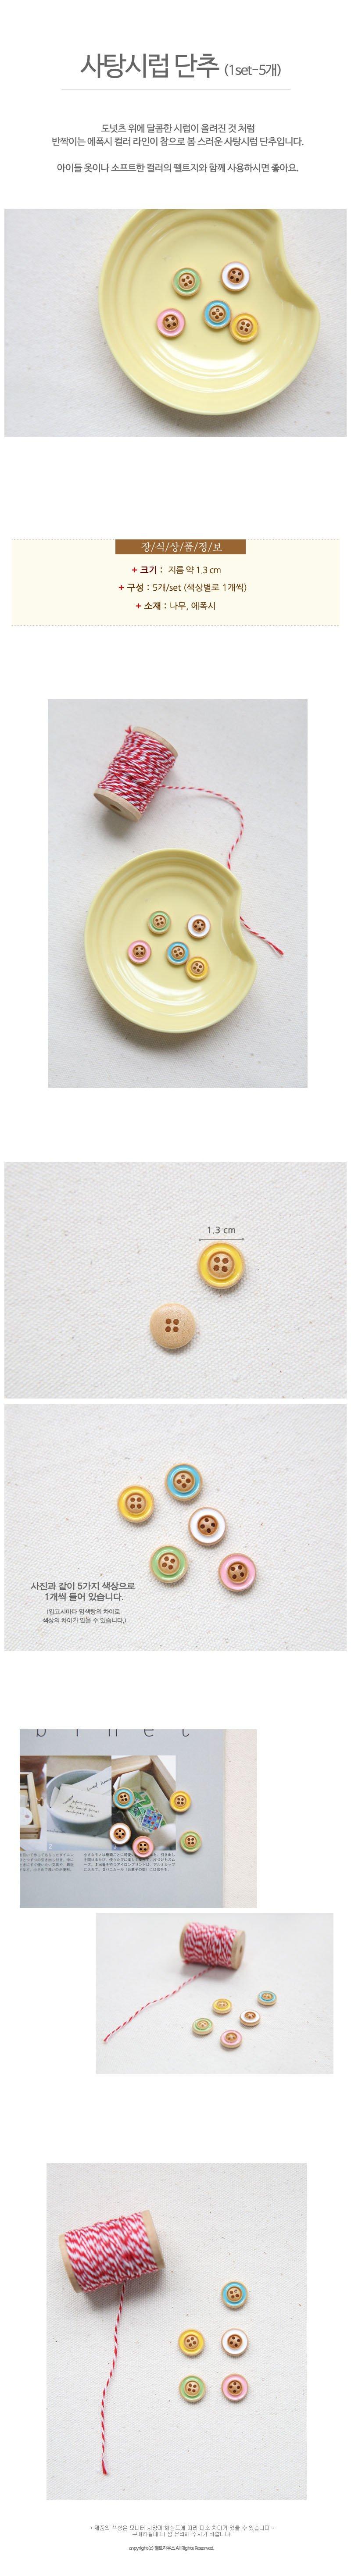 사탕시럽 단추(1set-5개) - 펠트하우스, 1,500원, 뜨개질, 뜨개질 부자재